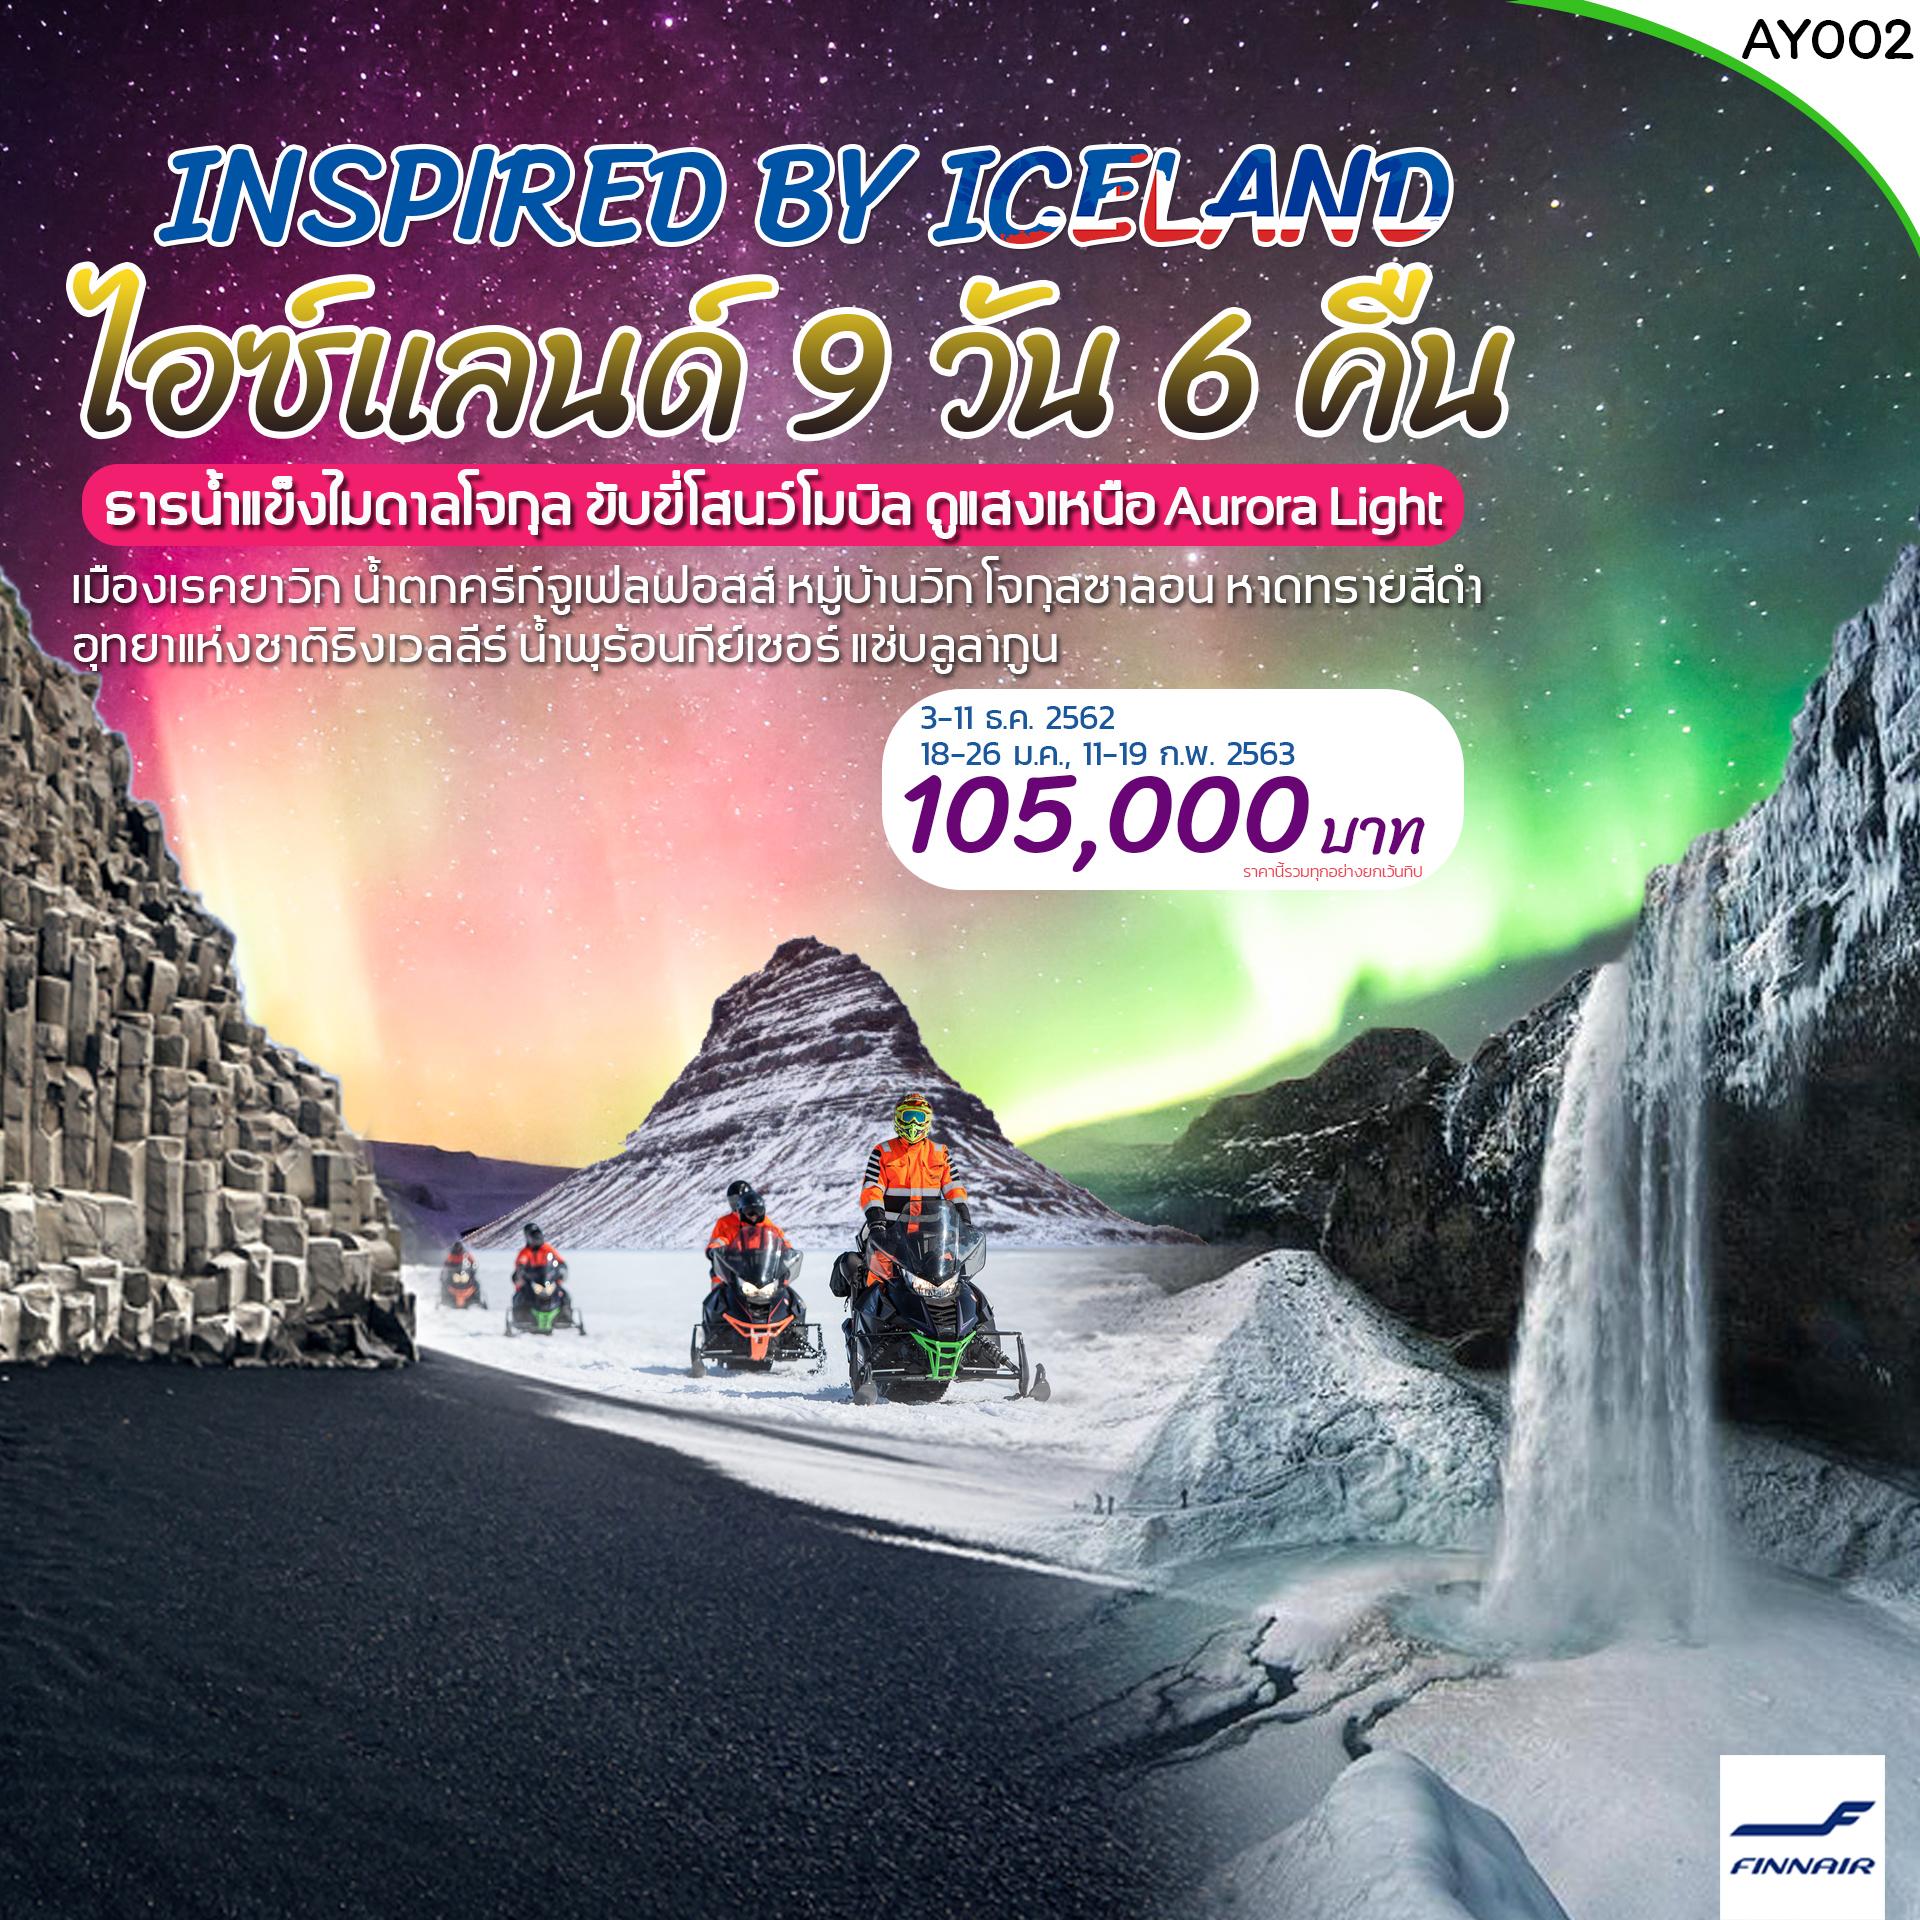 ไอซ์แลนด์ ดูแสงเหนือ ขี่สโนว์โมบิล 9 วัน